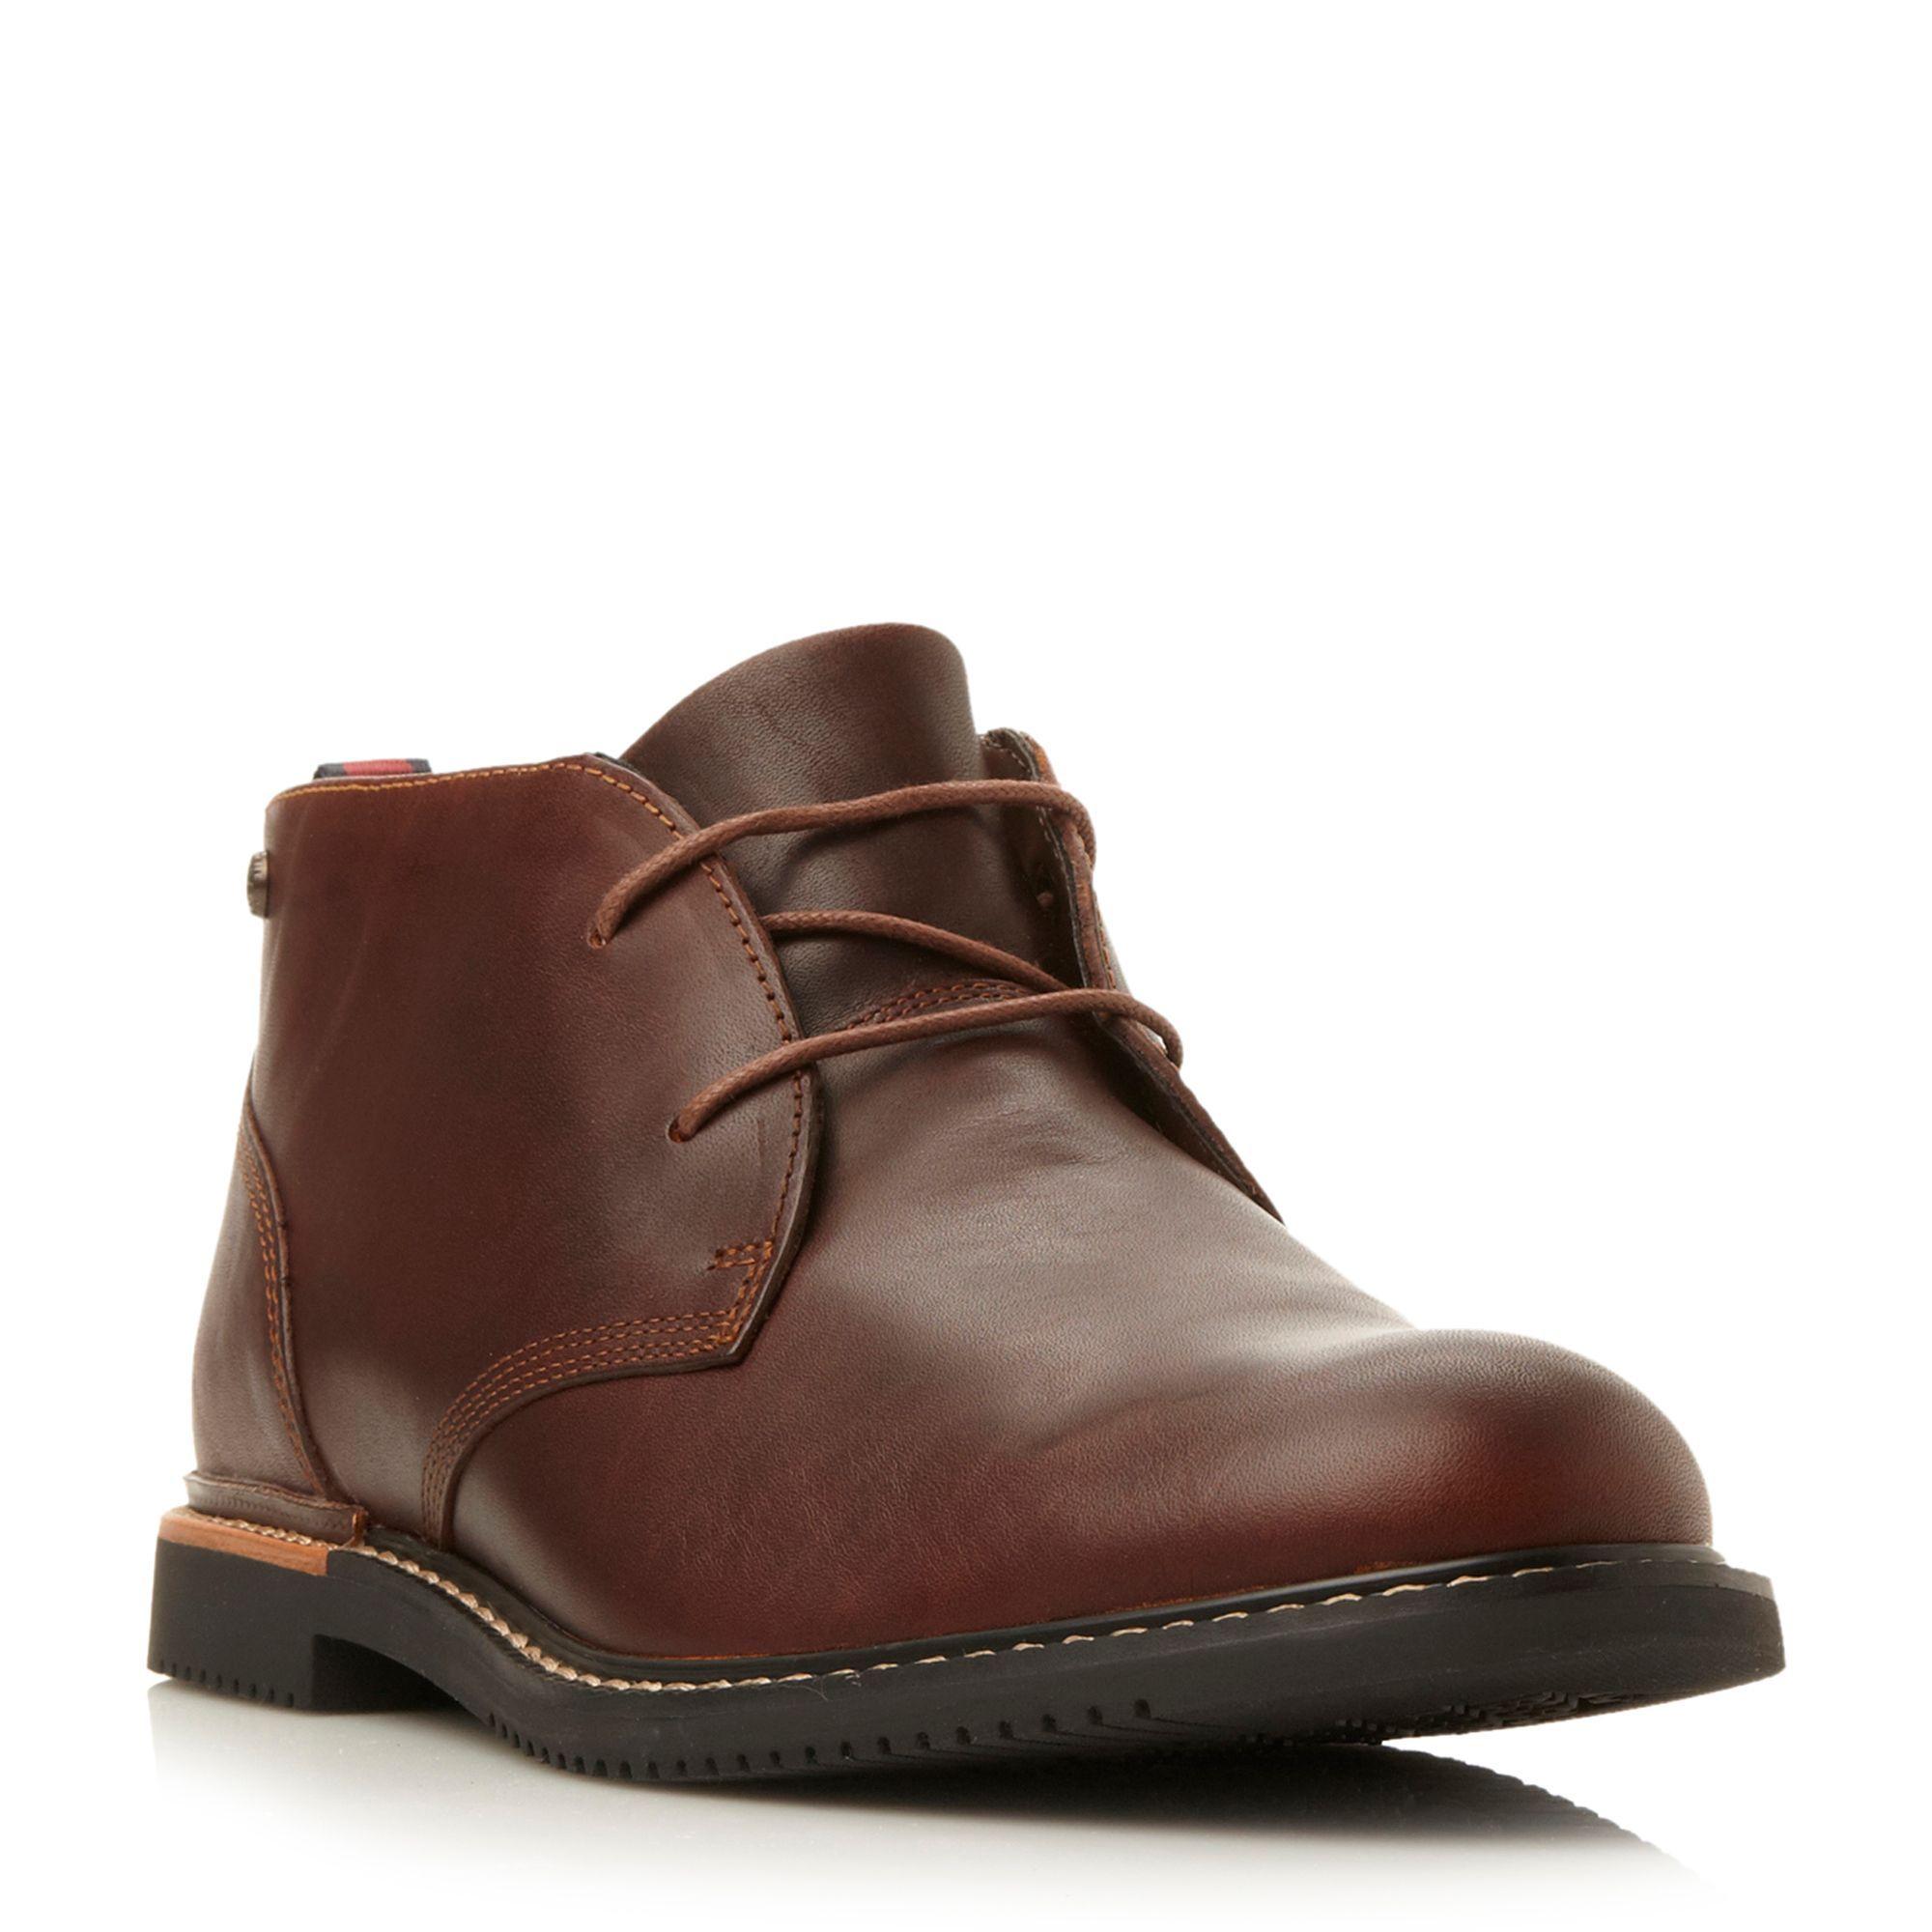 Timberland 5513a smart 2 eye chukka boot, Brown